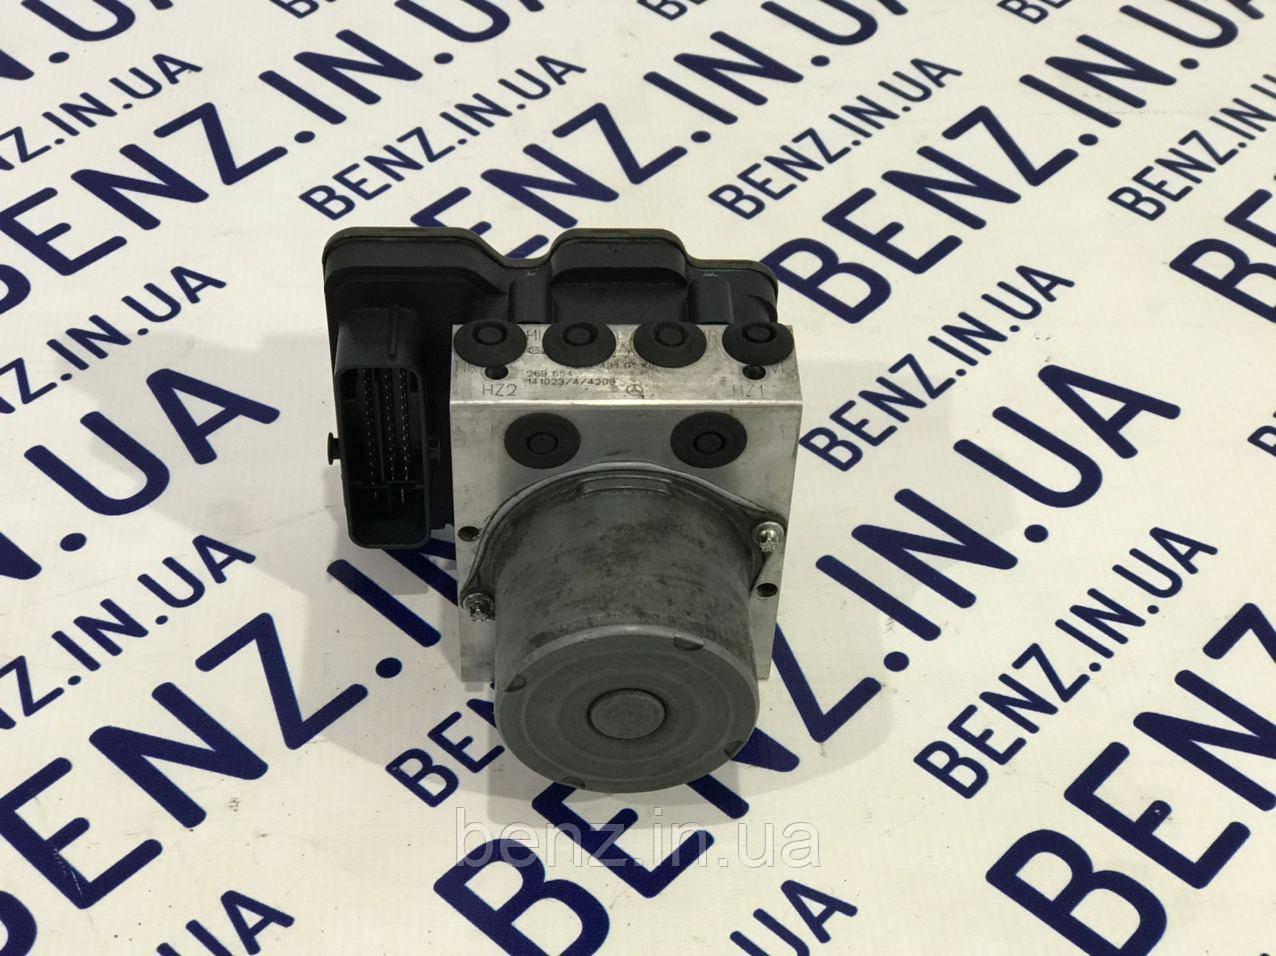 Гидравлический блок ABS W212 рестайл A2124310148